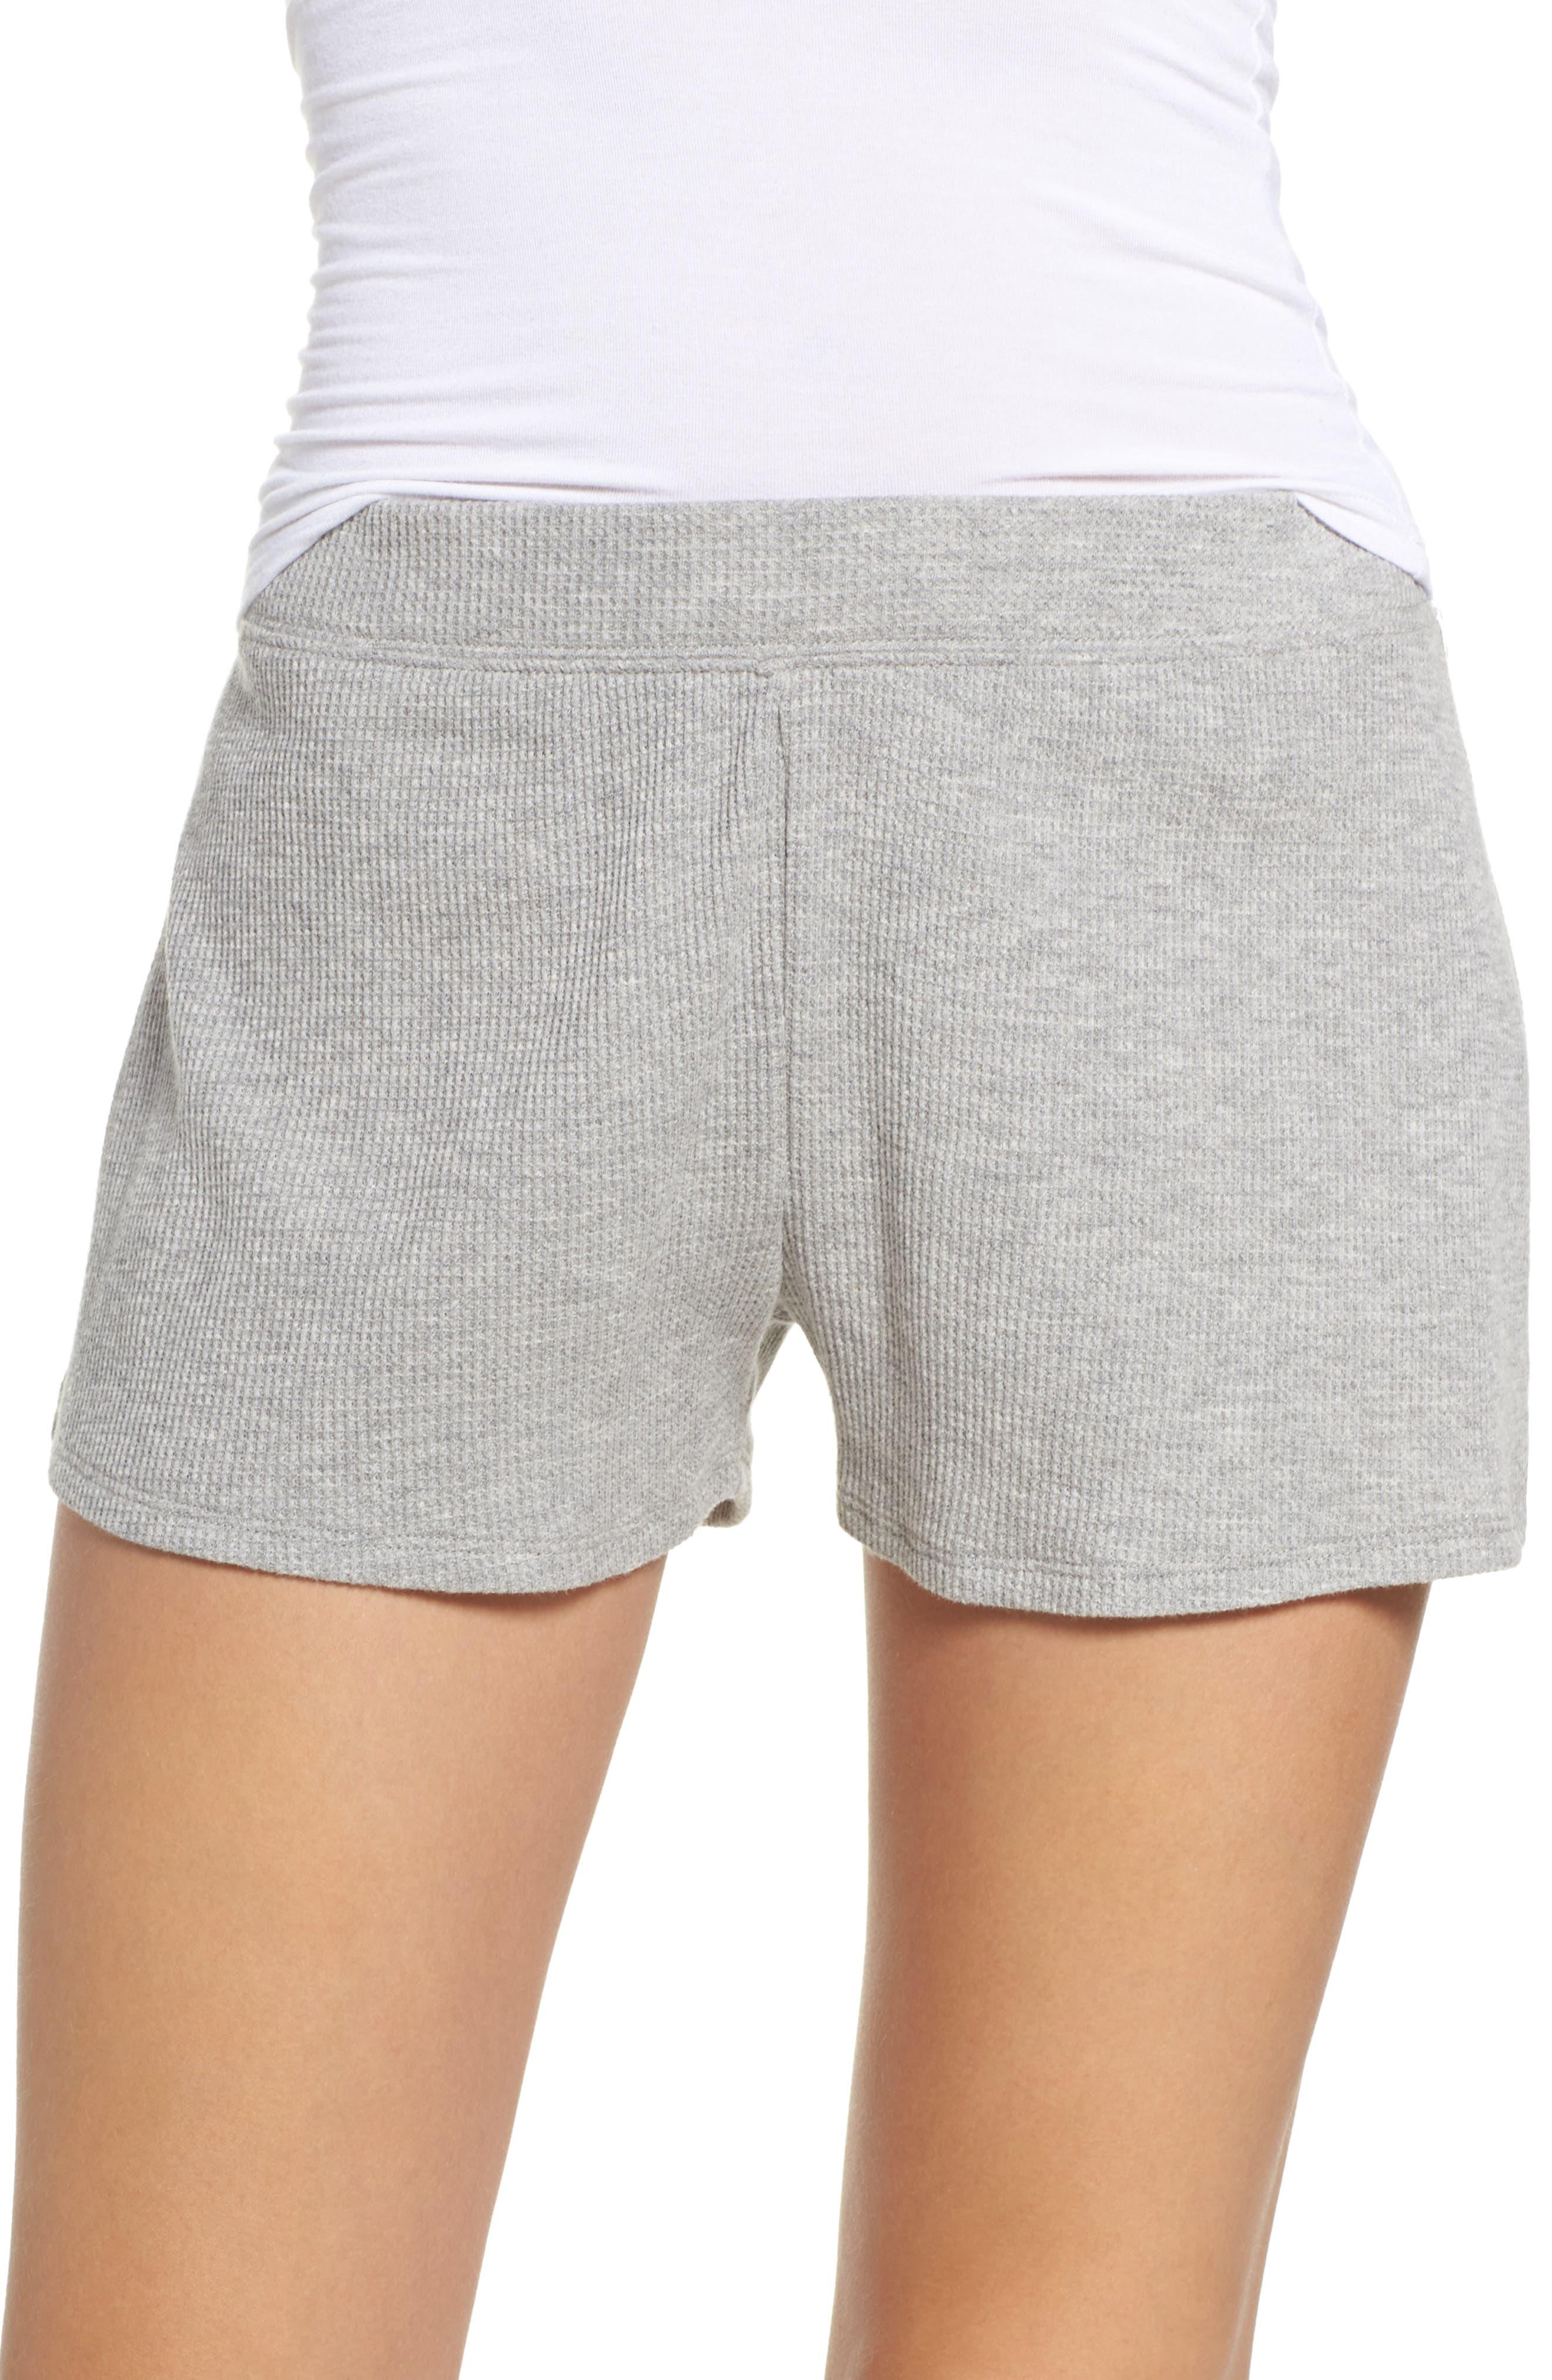 Waffle Knit Lounge Shorts,                             Main thumbnail 1, color,                             020